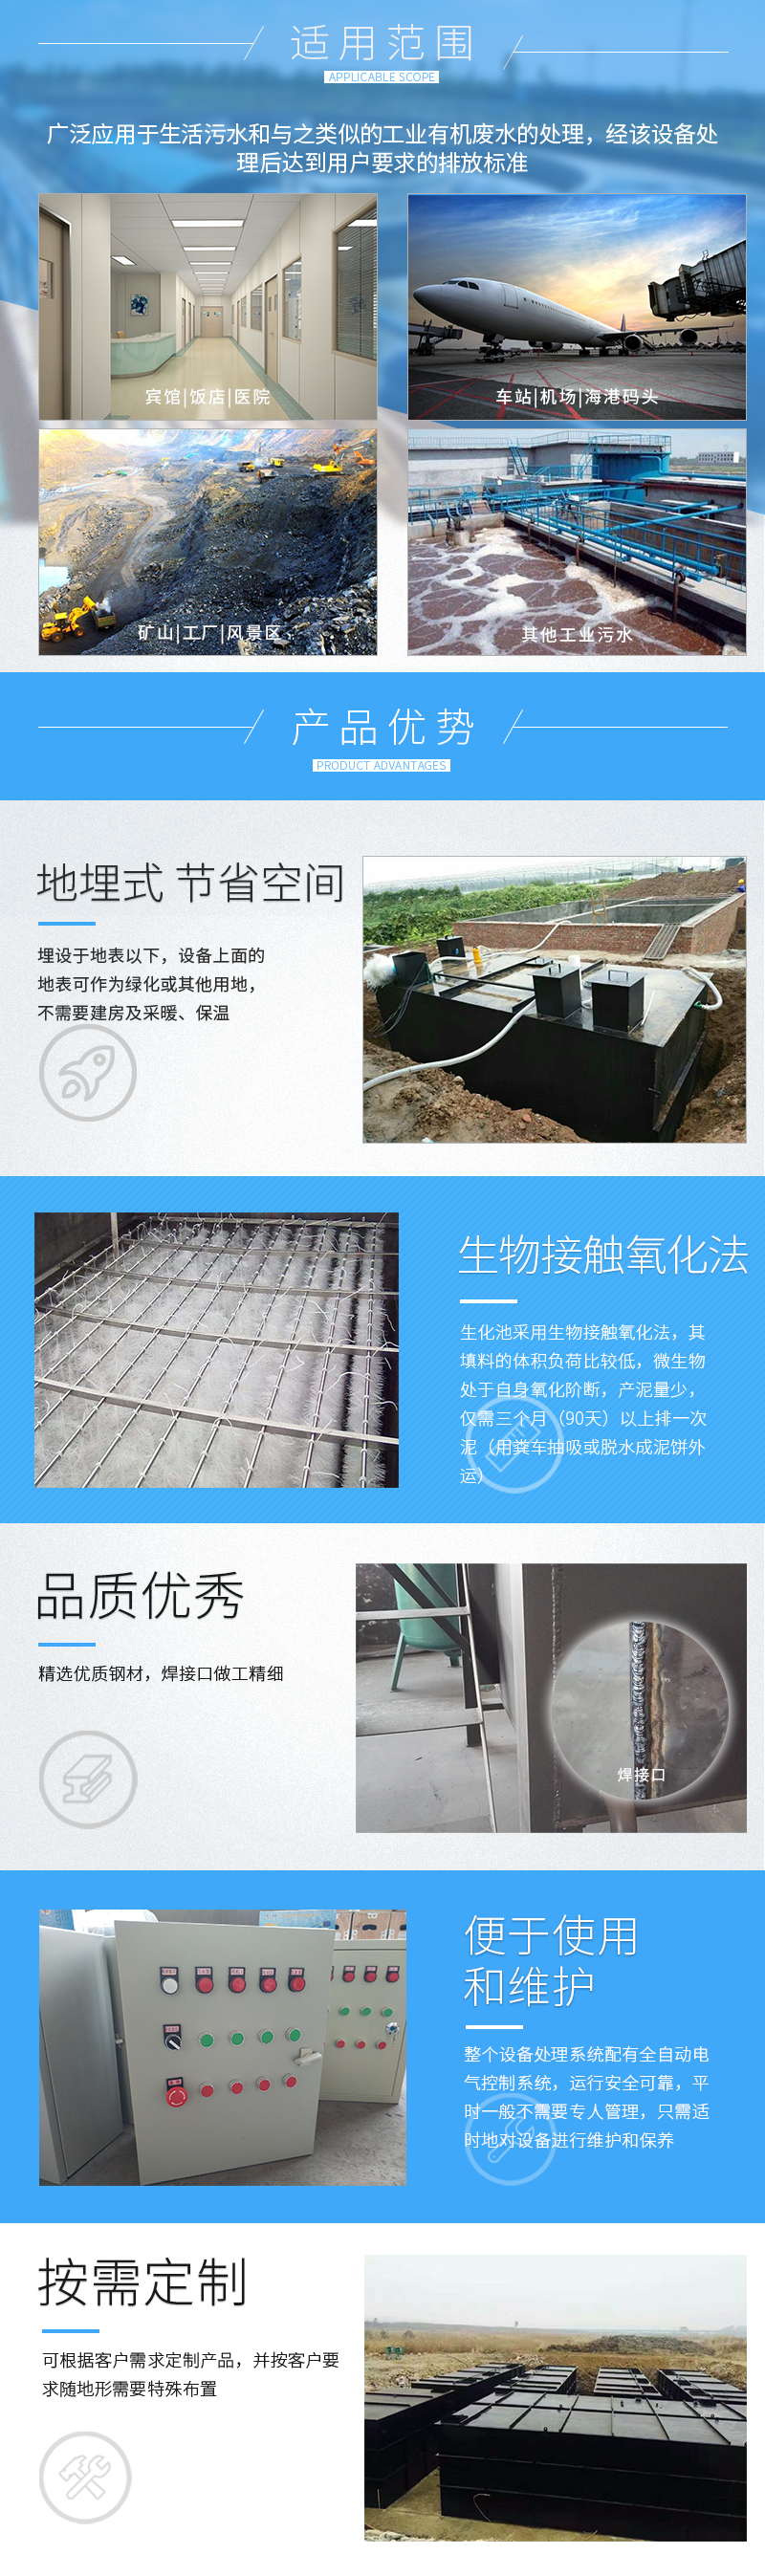 村庄生活污水处理设备